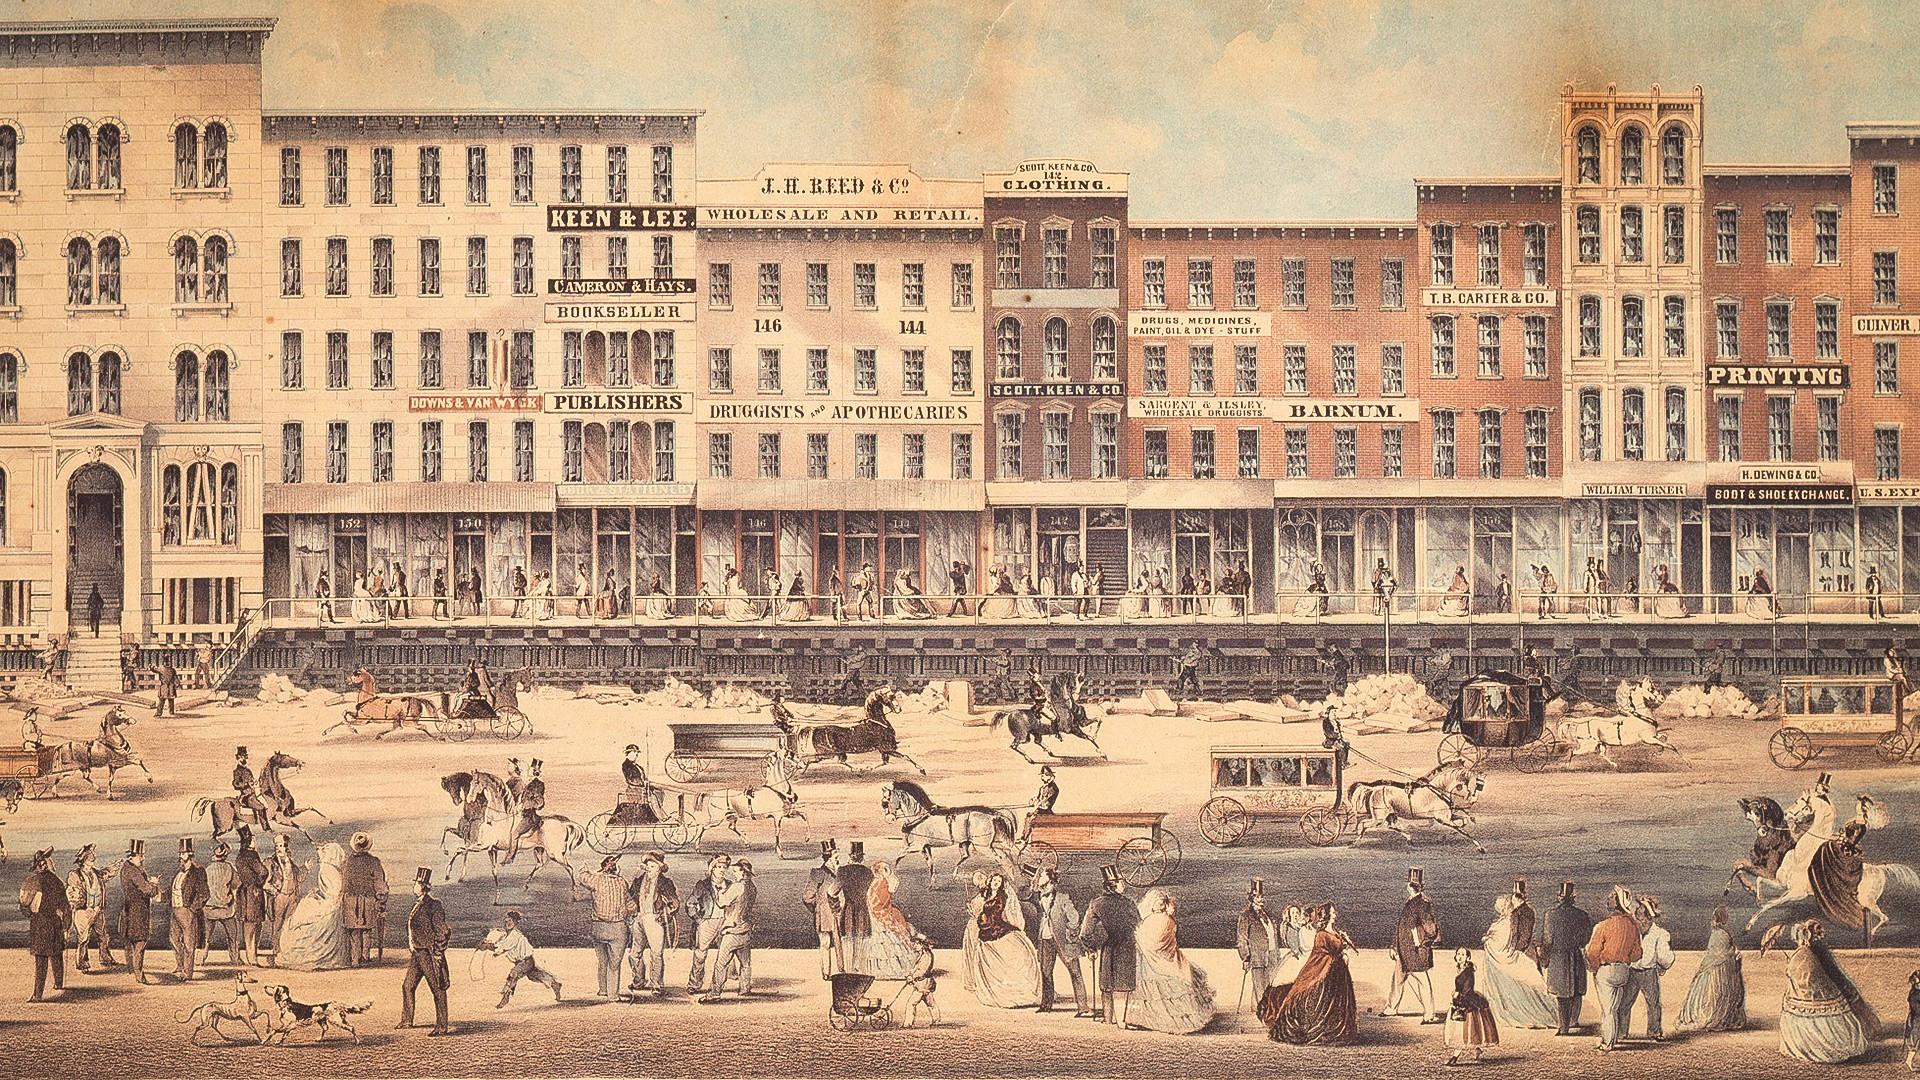 Чикаго, 1860 година